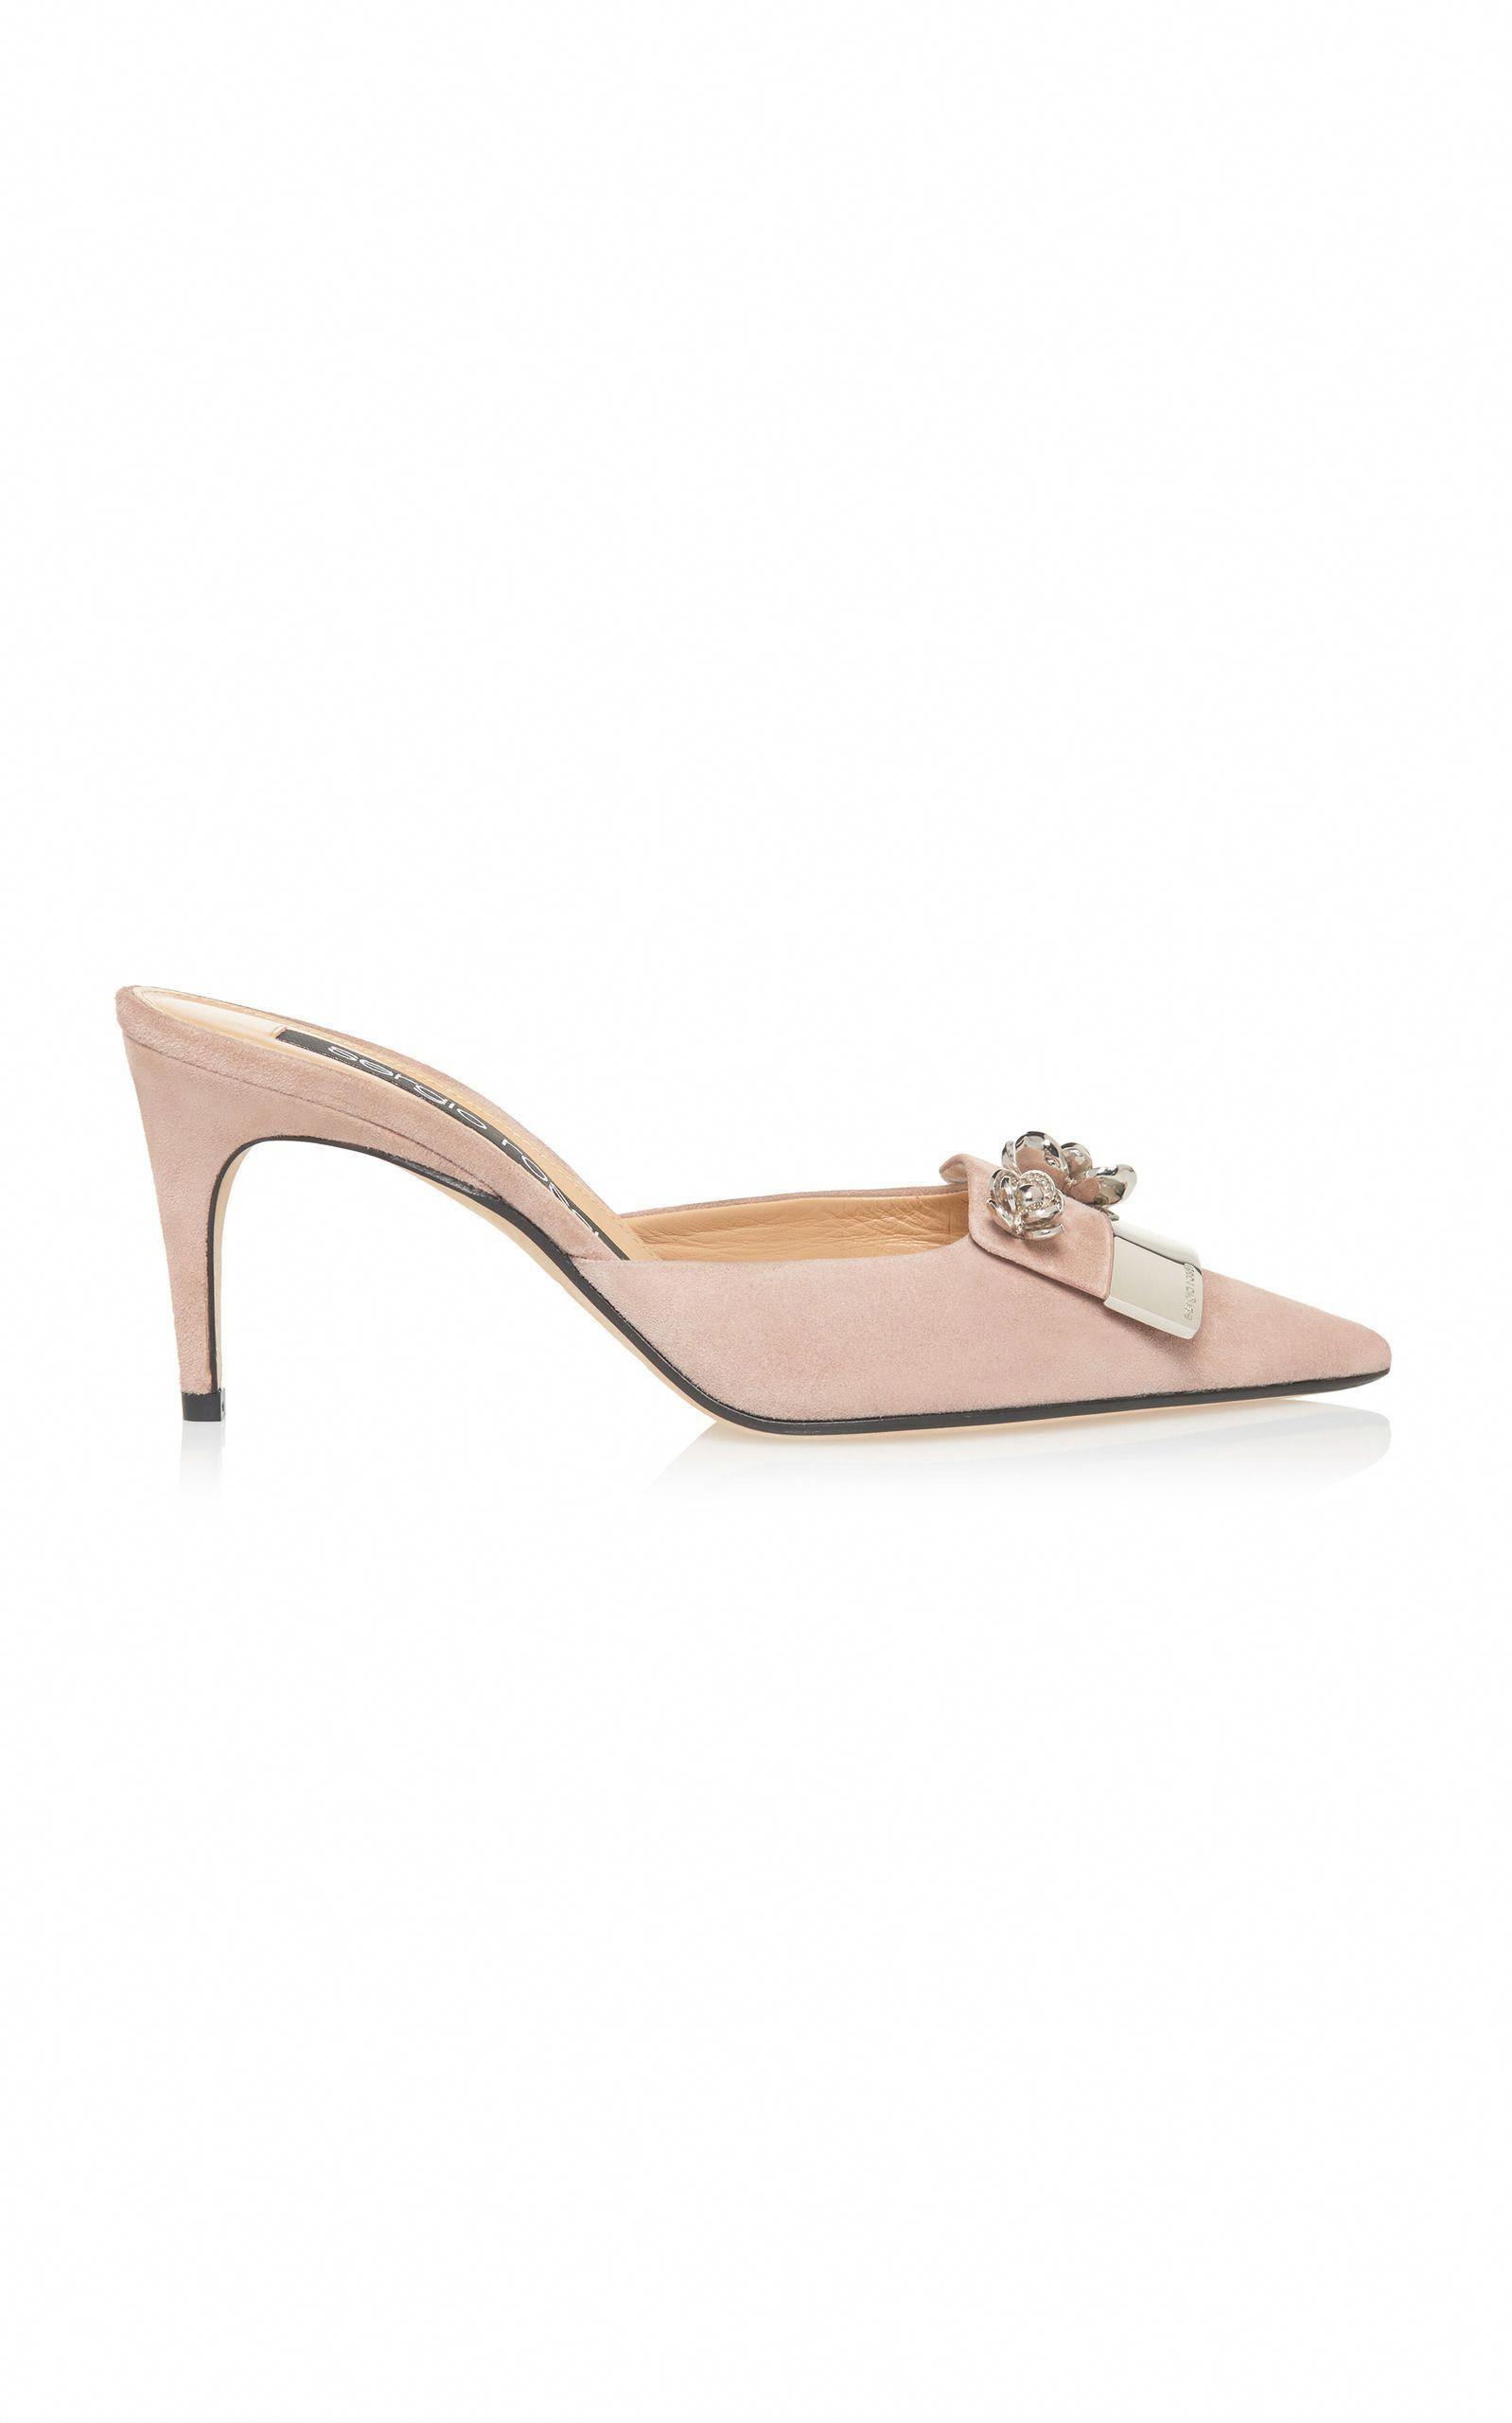 a0b6f6ac3bd SERGIO ROSSI SR1 SUEDE MULE.  sergiorossi  shoes